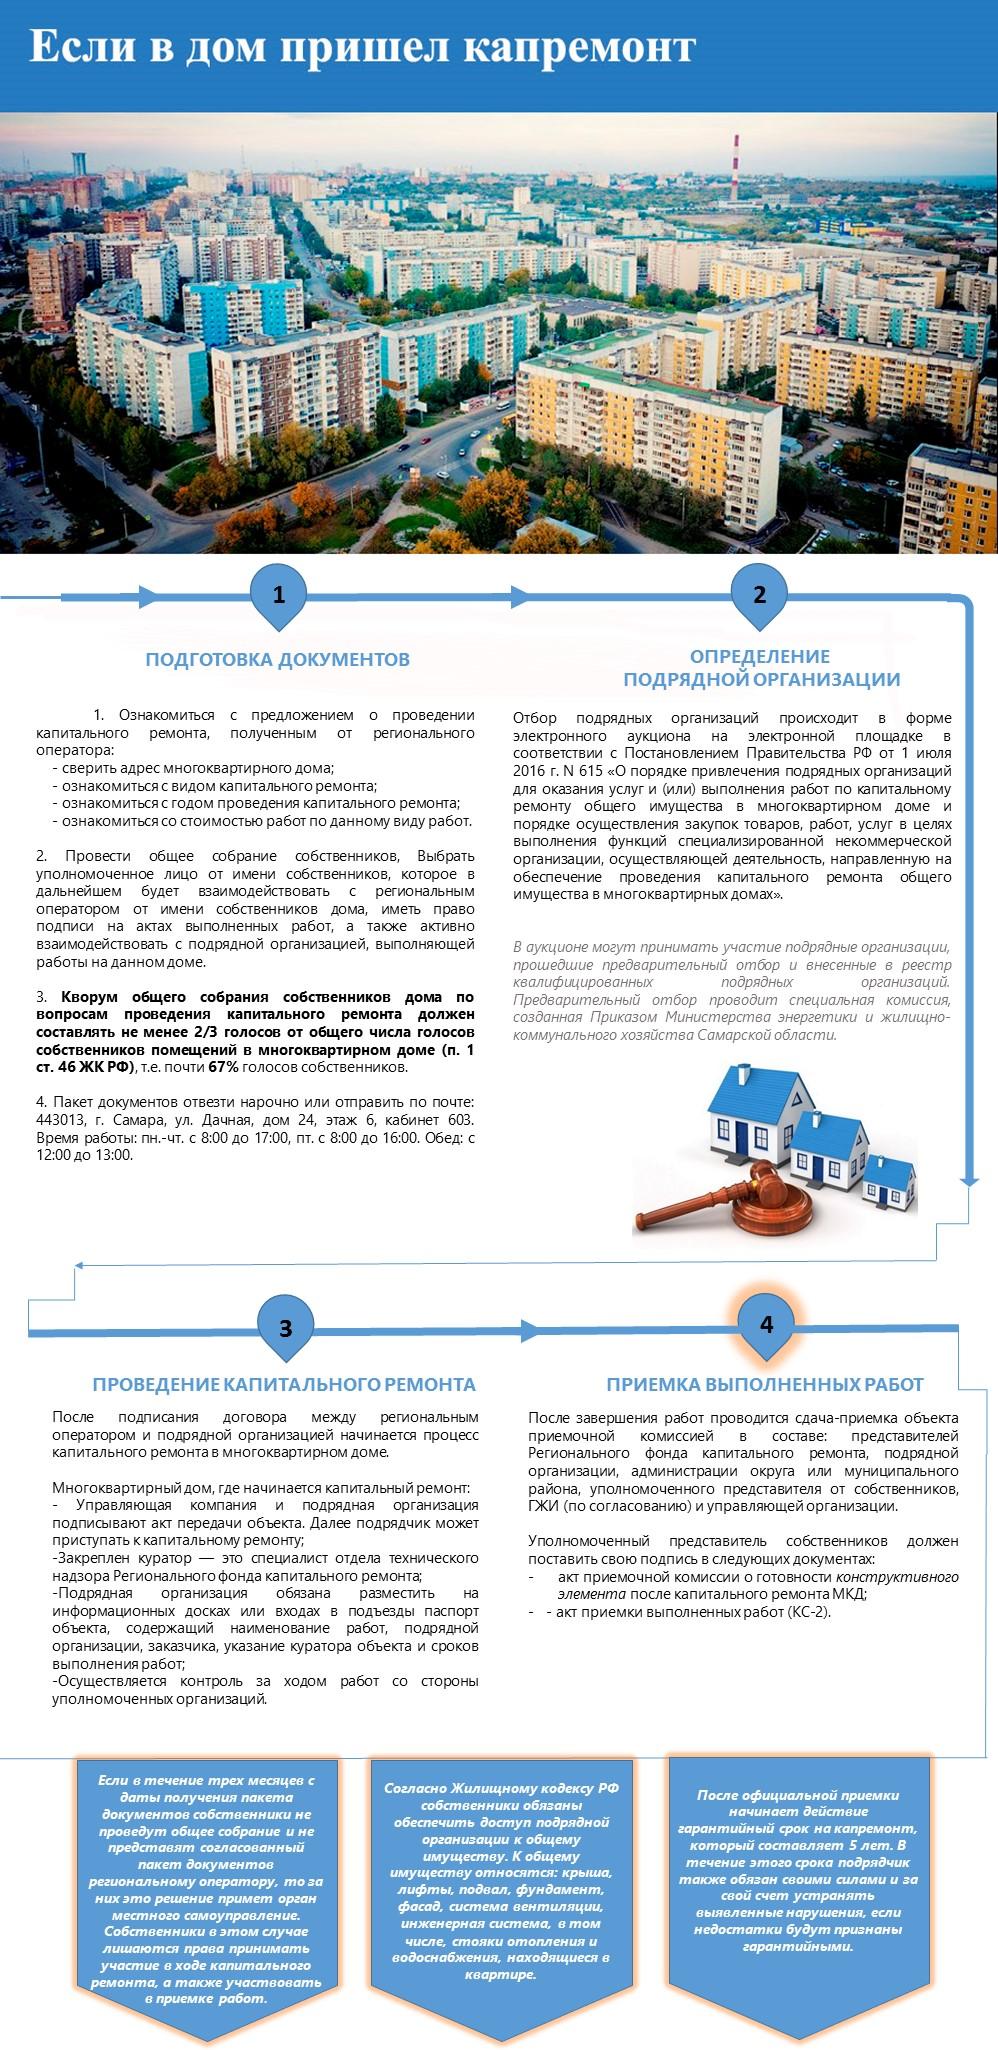 Инструкция по организации капитального ремонта в образовательных учреждениях